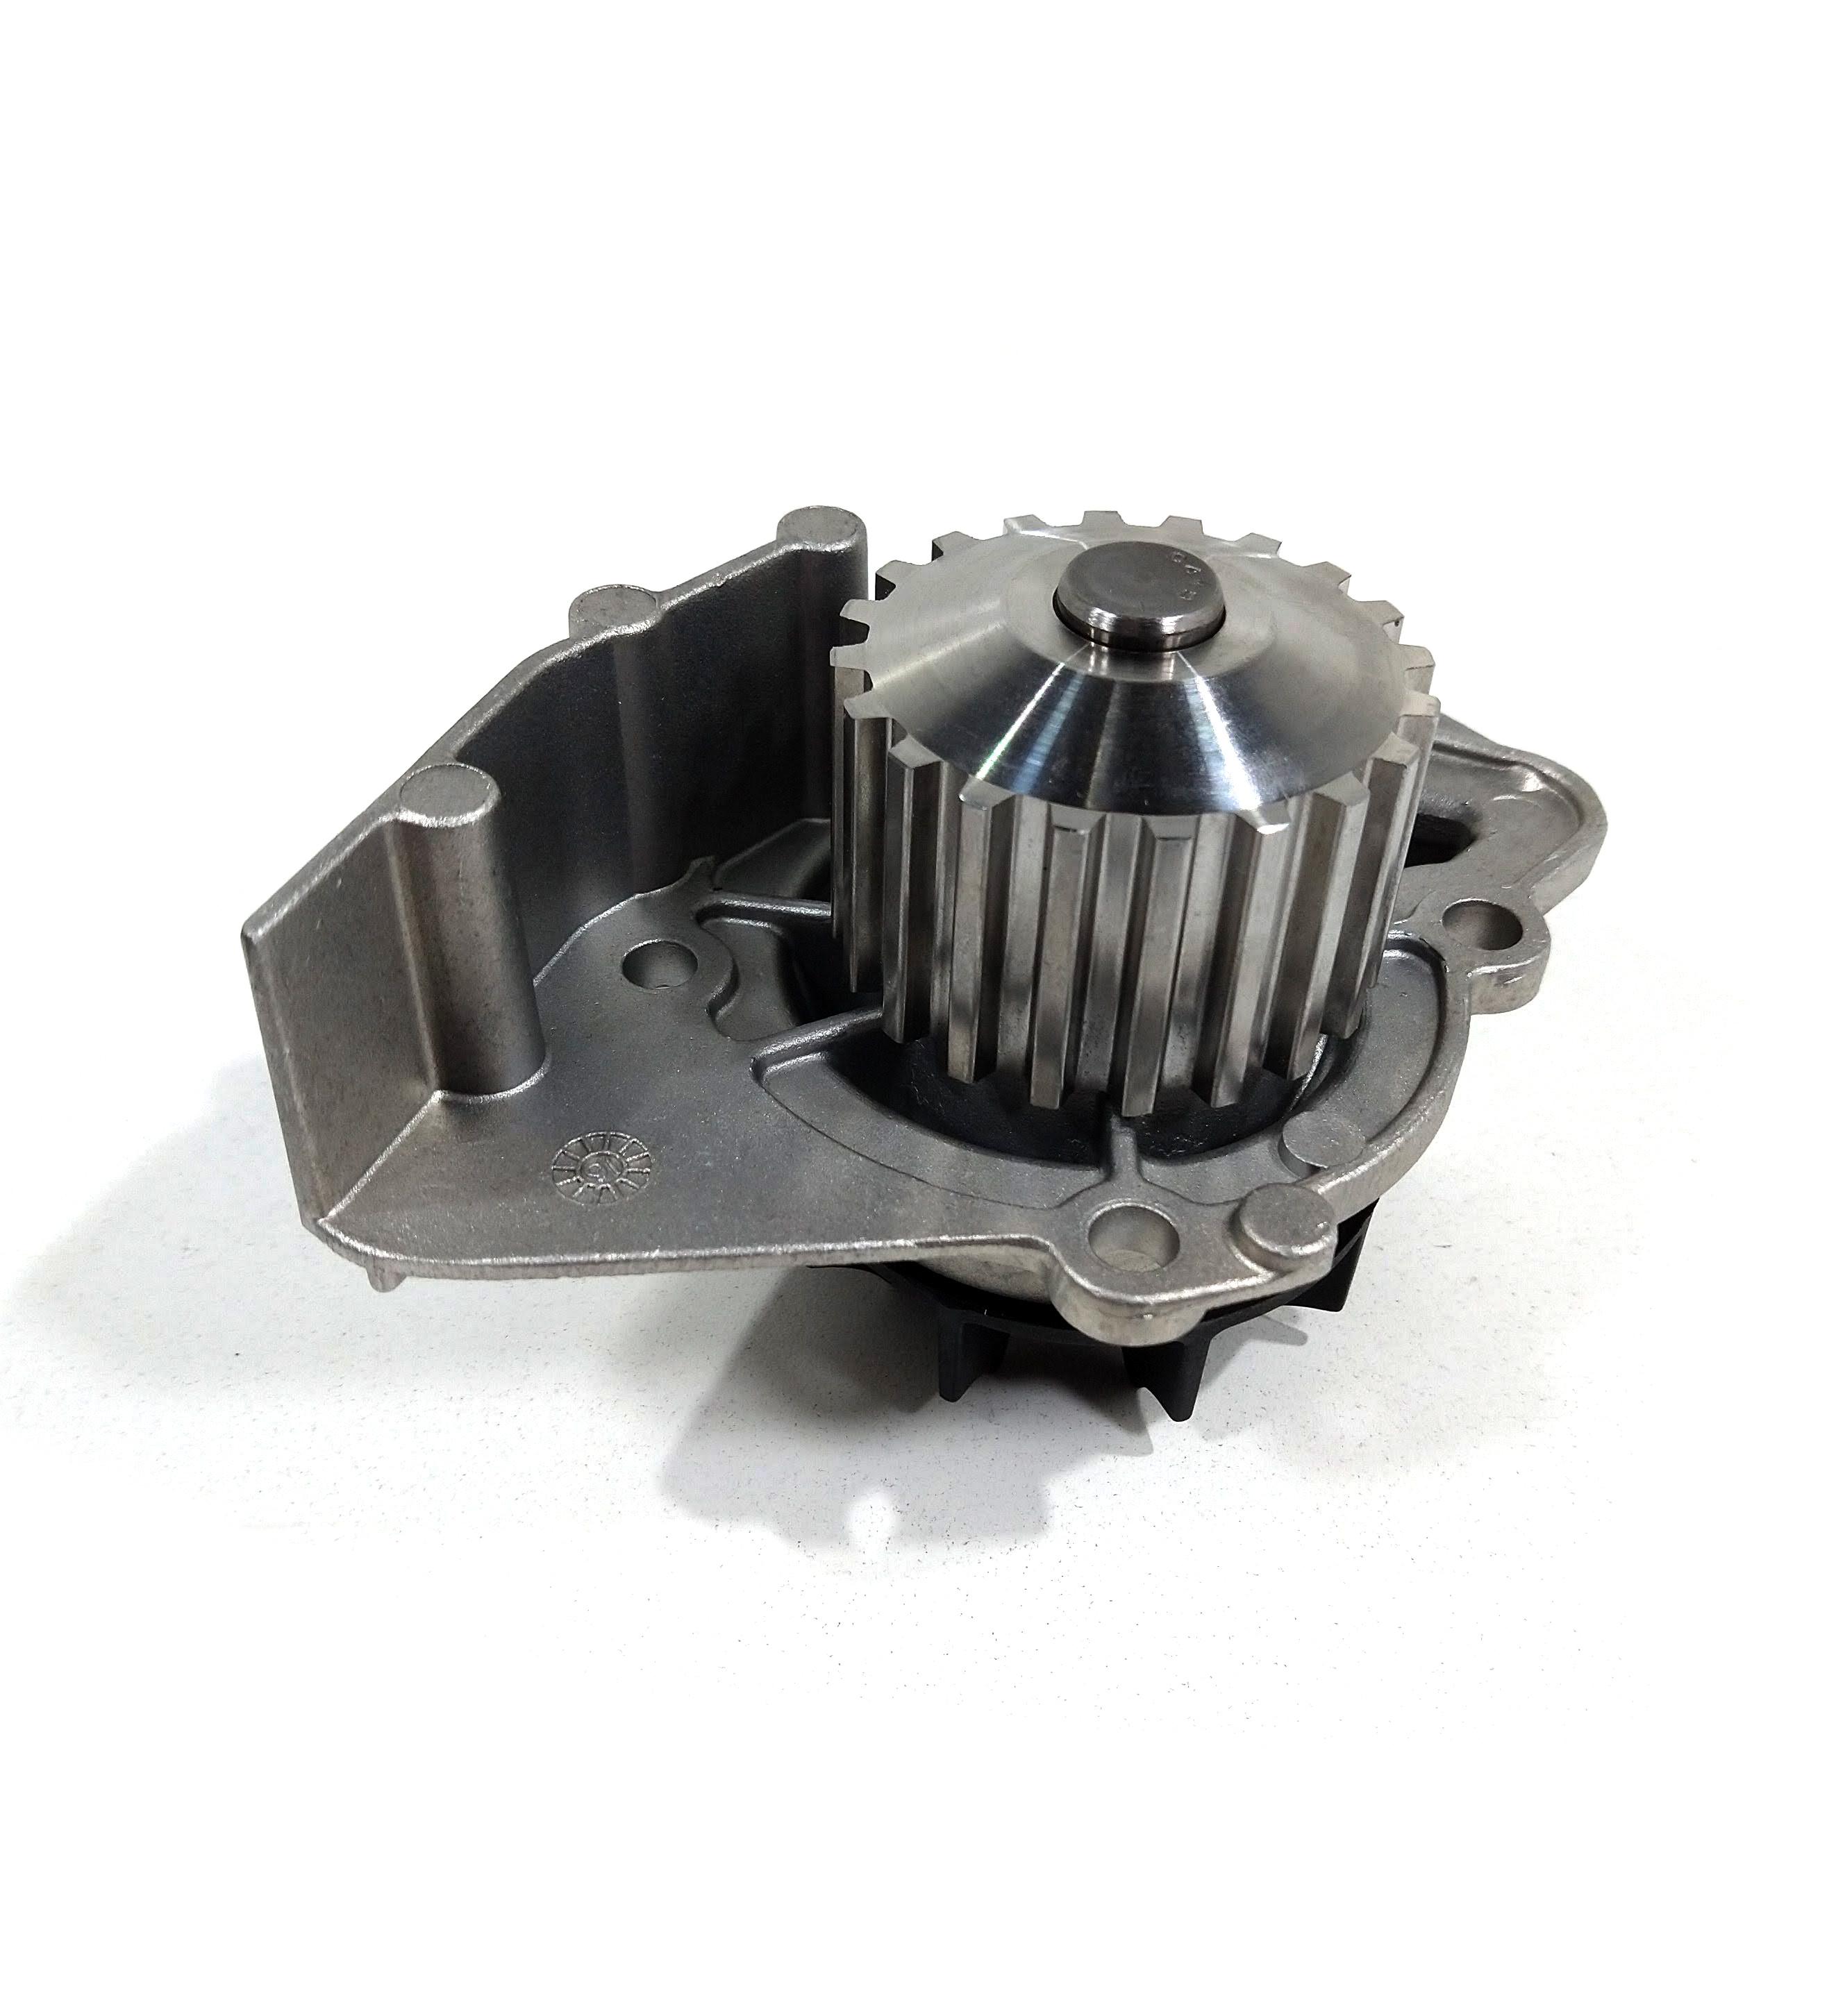 Bomba de agua Citroen Xsara Peugeot 206 207 306 307 1.9D 406 407 2.0 HDI 110CV